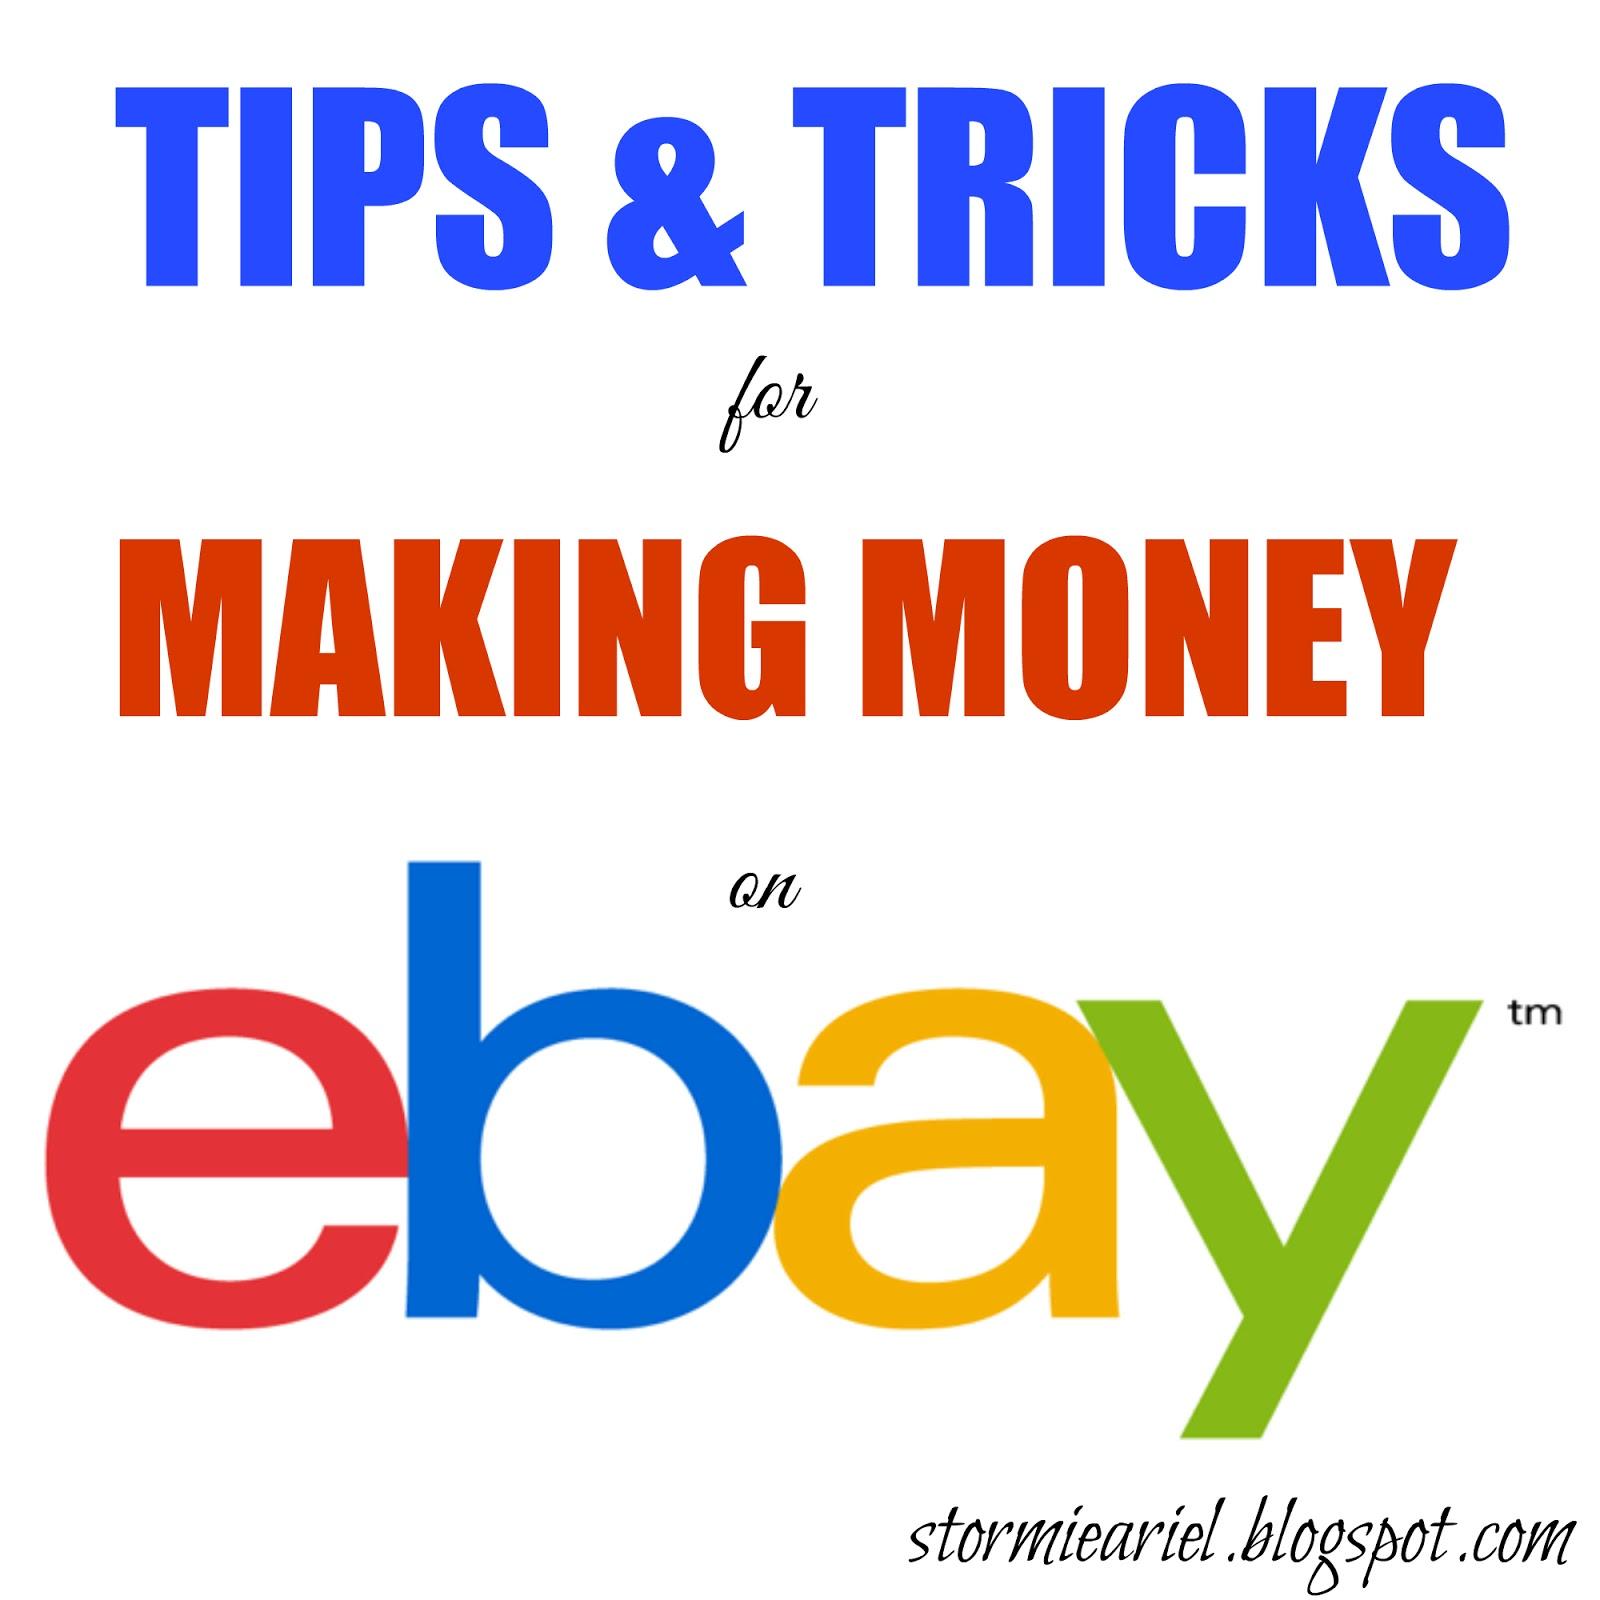 Tips & Tricks for Making Money on eBay